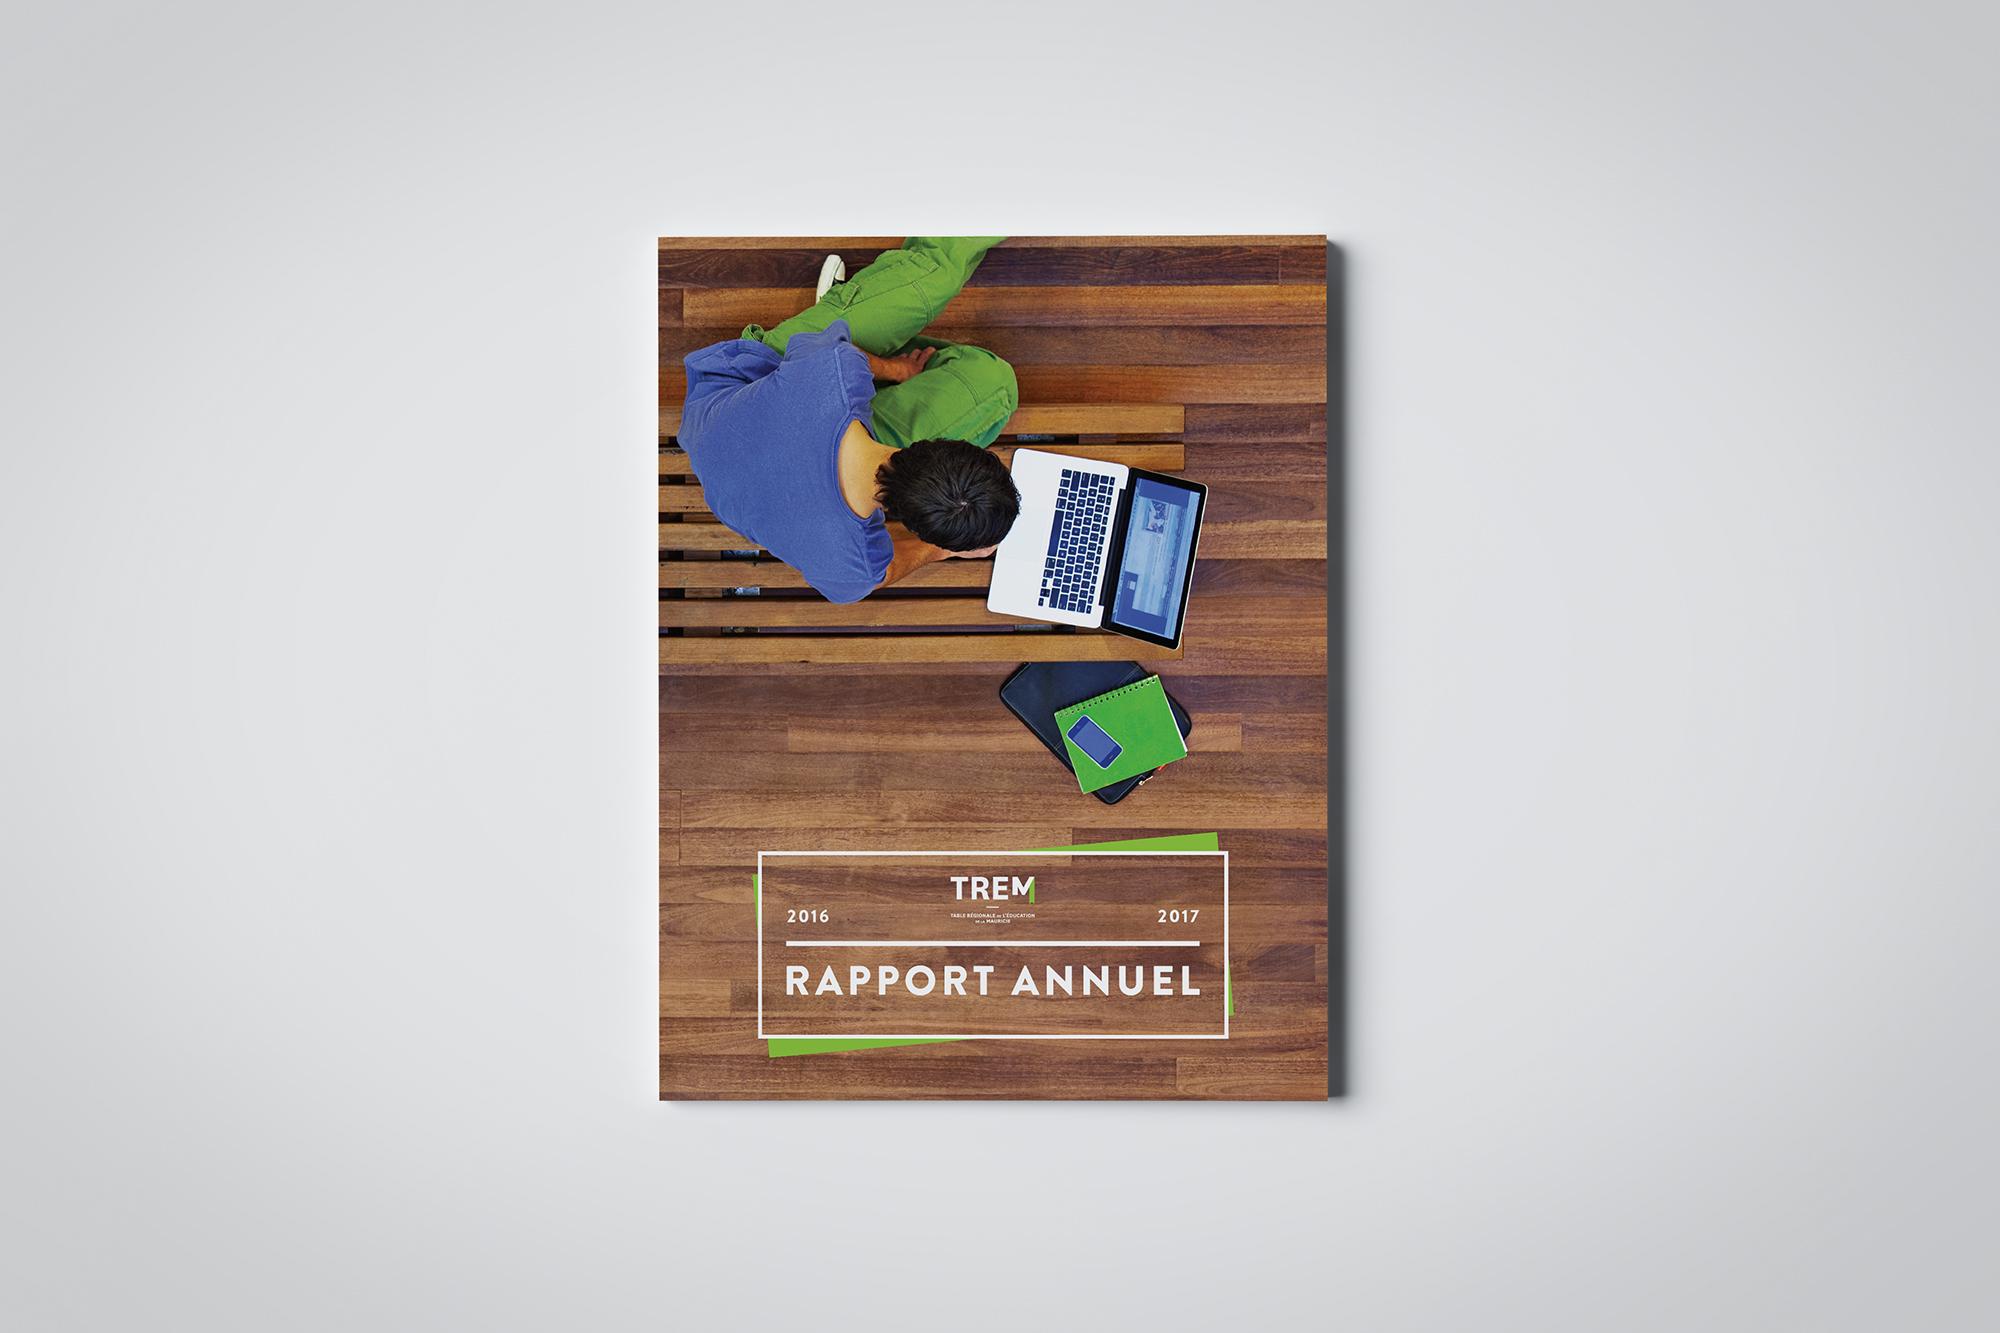 couverture du rapport annuel 2016-2017 de la TREM